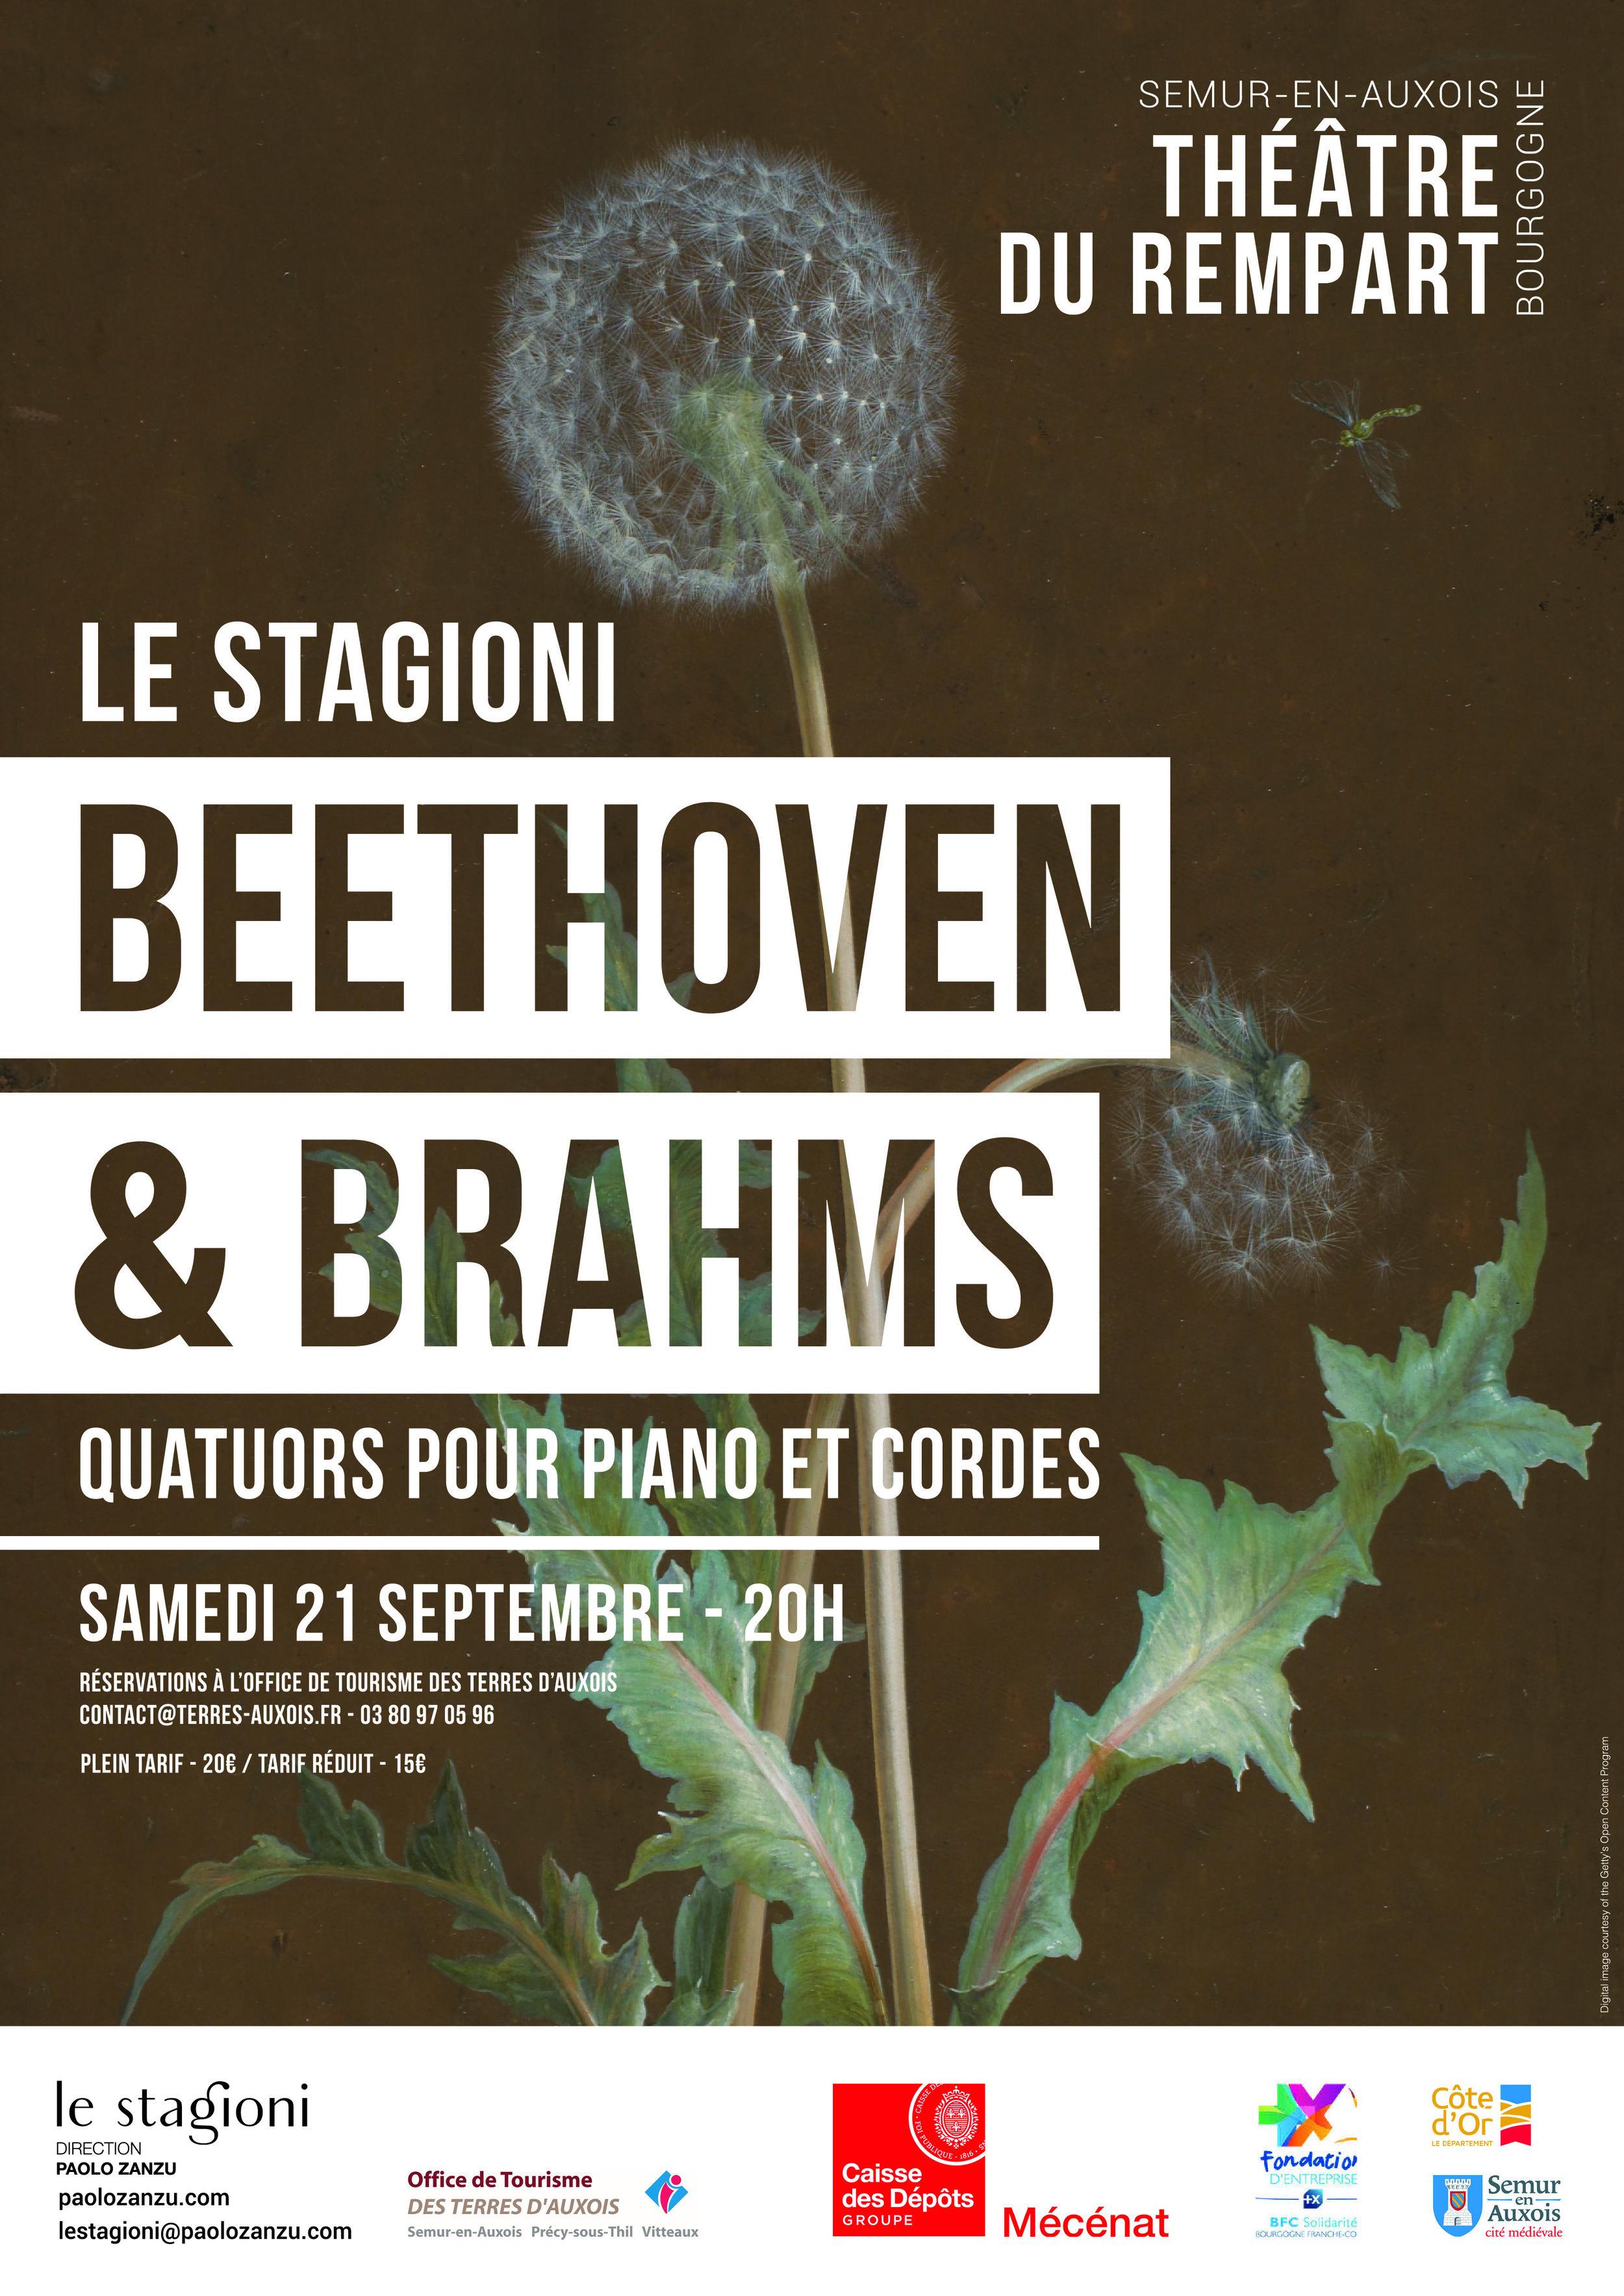 Le Stagioni_Beethoven & Brahms.jpg